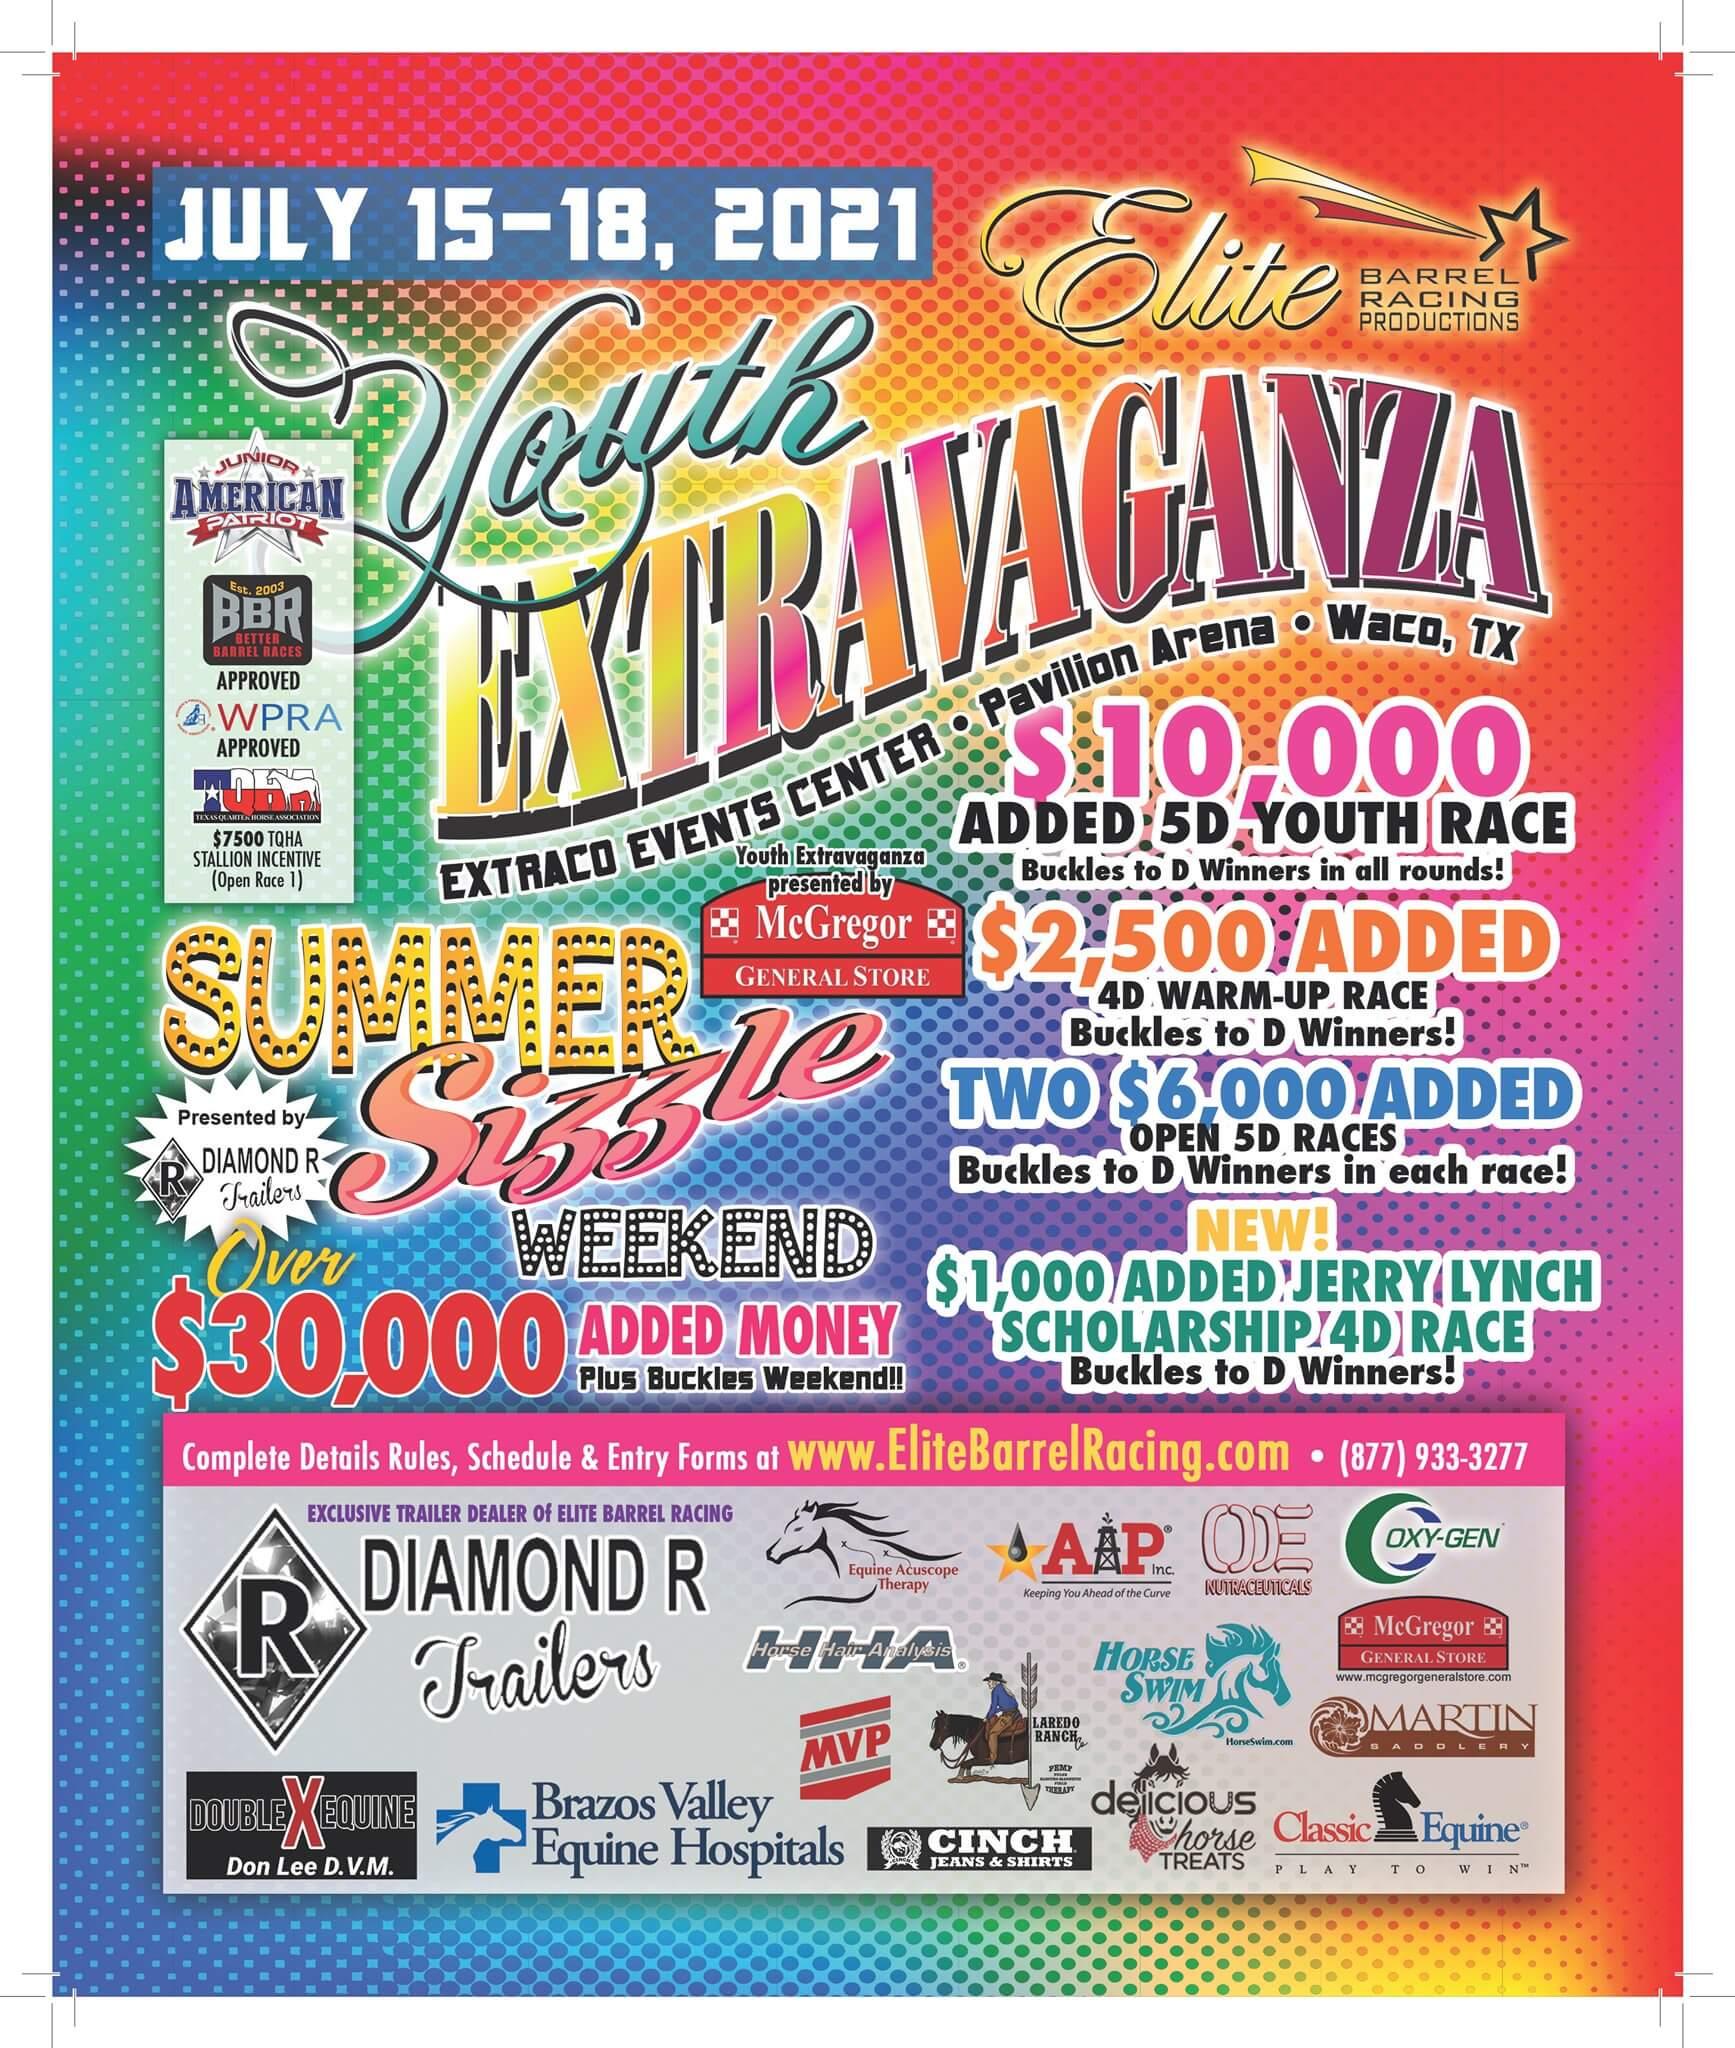 elite barrel racing summer sizzle extravaganza waco